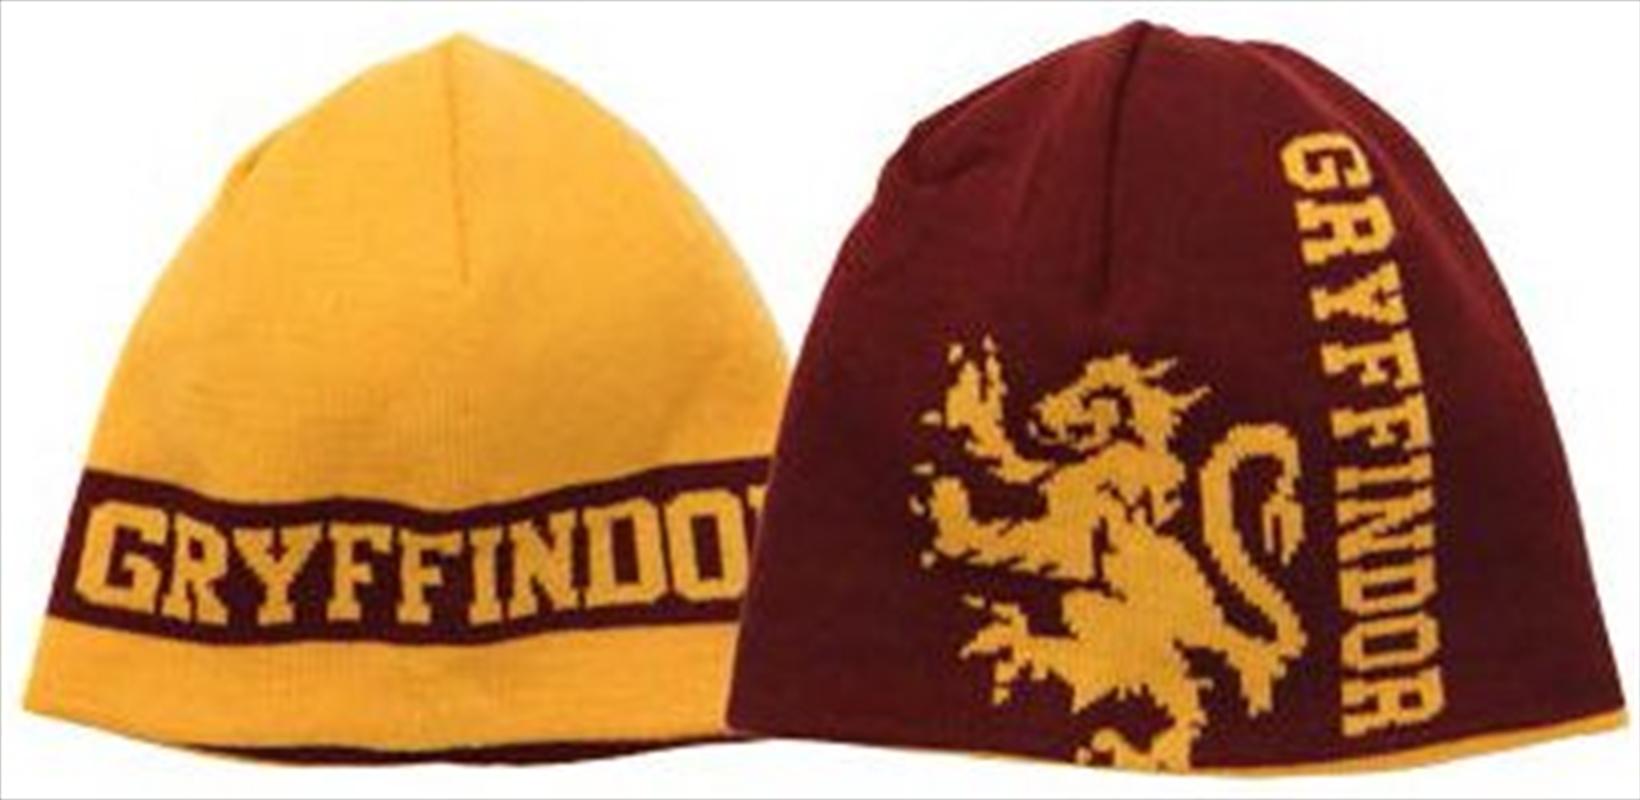 Gryffindor Knit Beanie | Merchandise